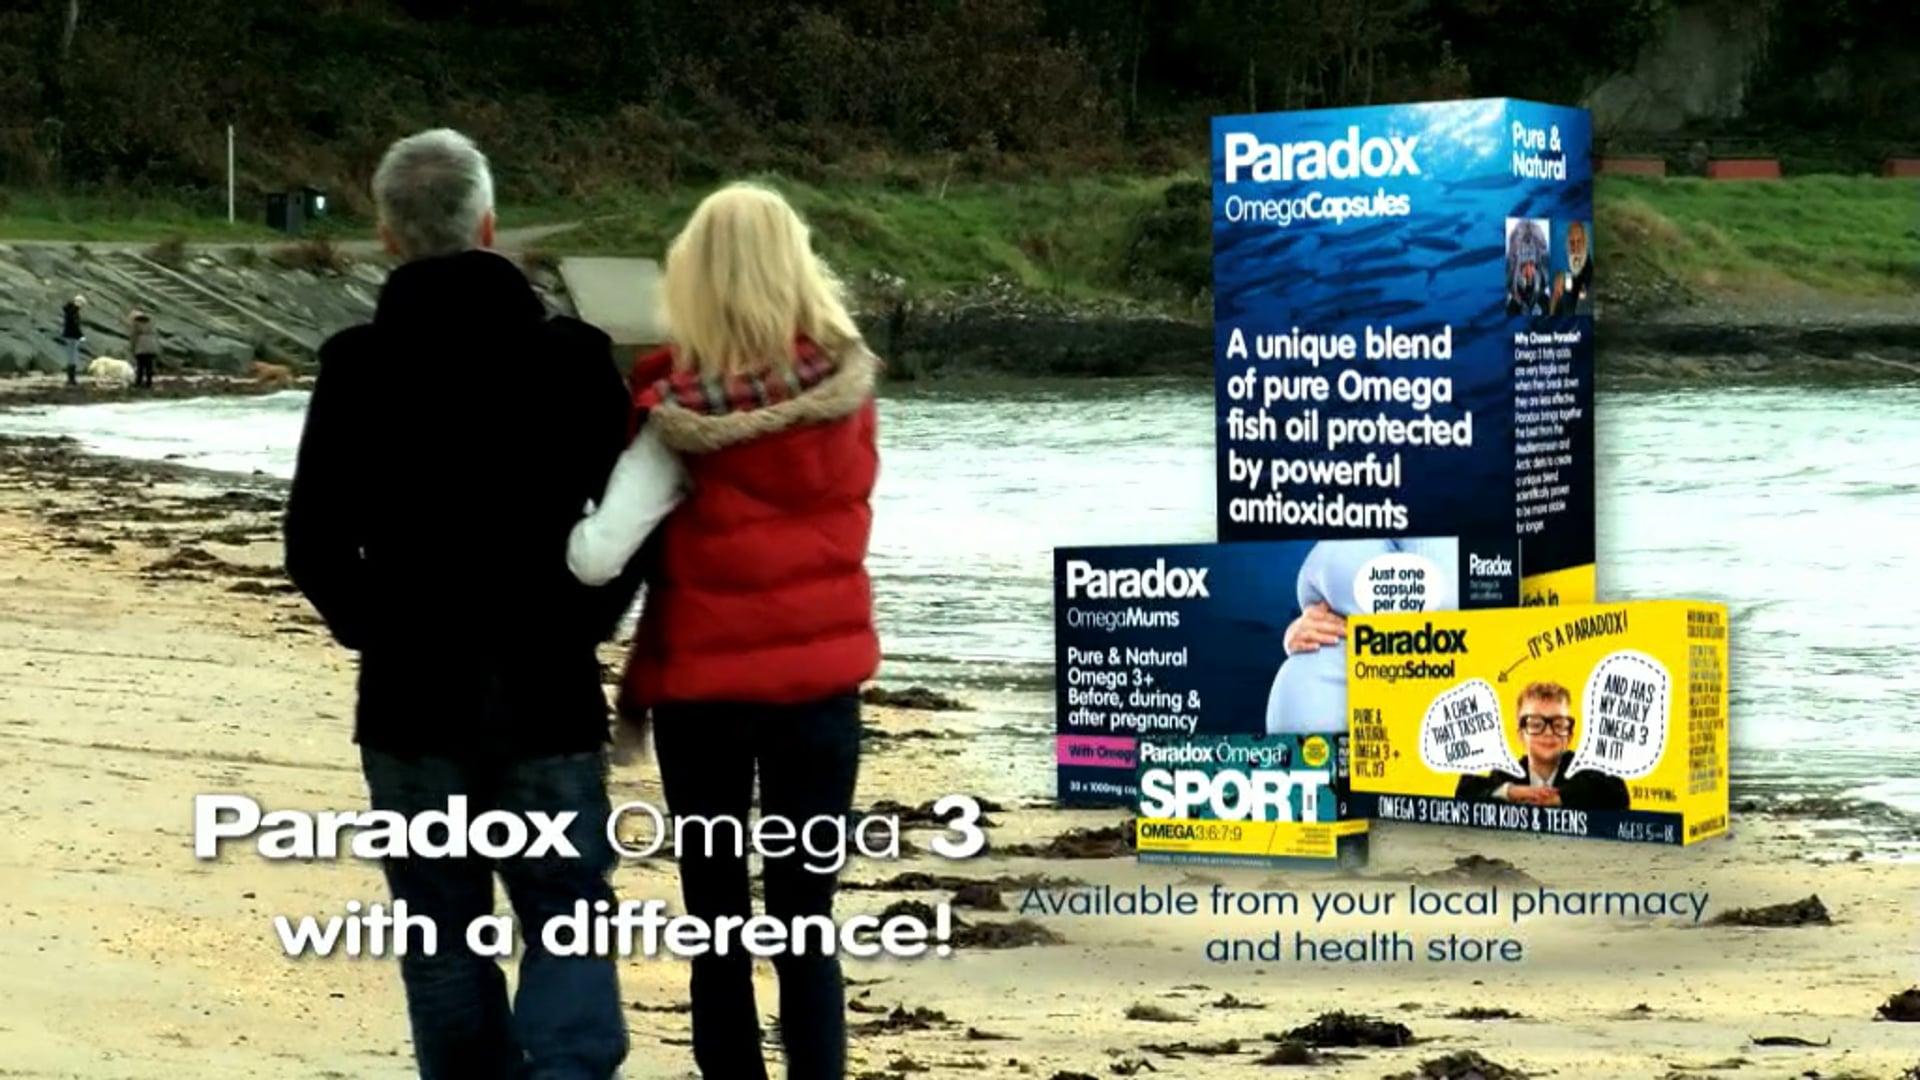 Paradox Omega Oil TV AD